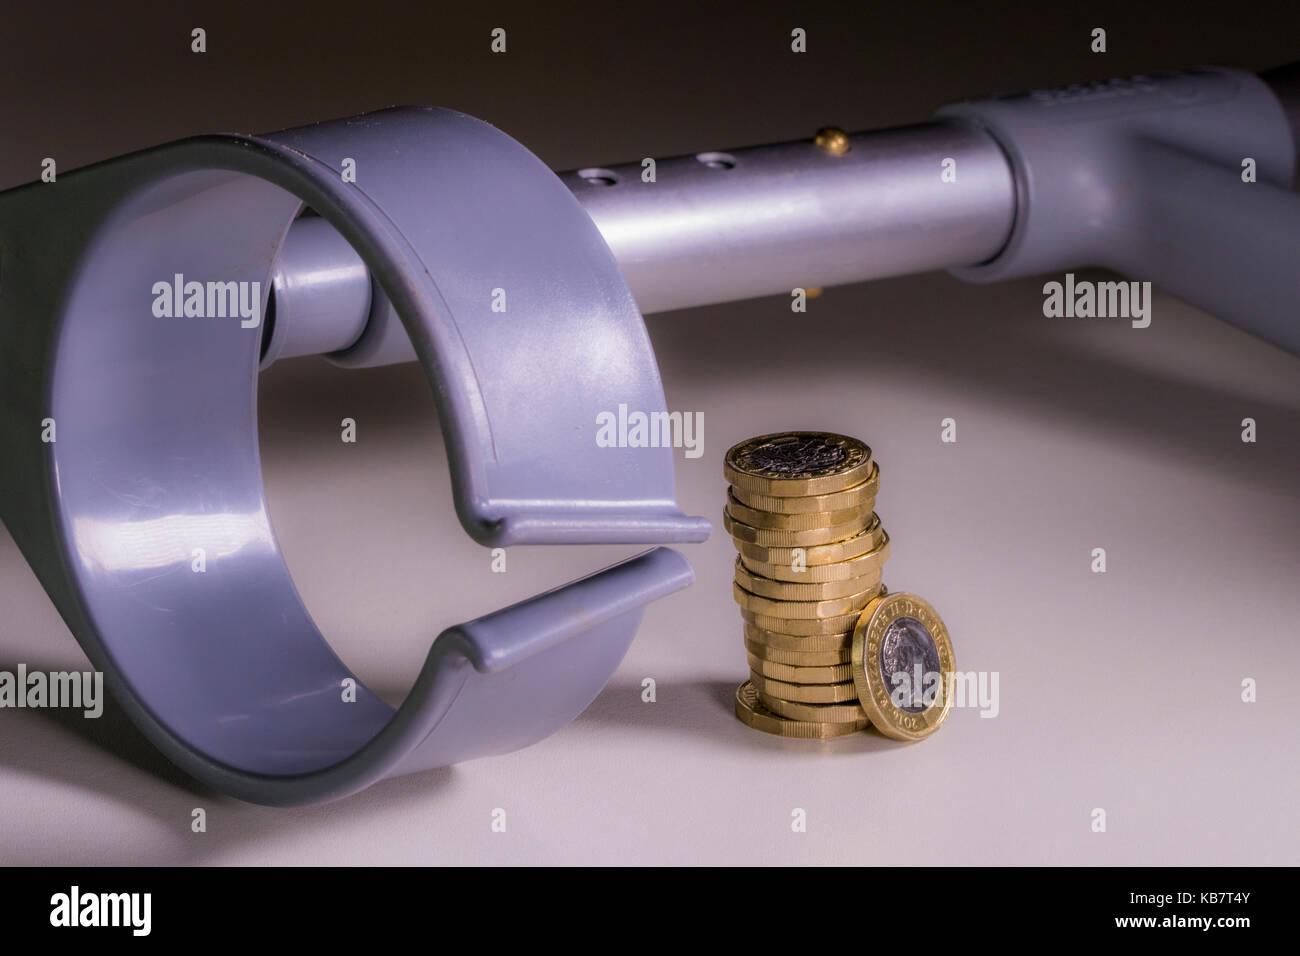 Eine Krücke und neuen Sterling Pound Münzen. Konzept der Zusammenhang zwischen Arbeitsunfähigkeit Stockbild